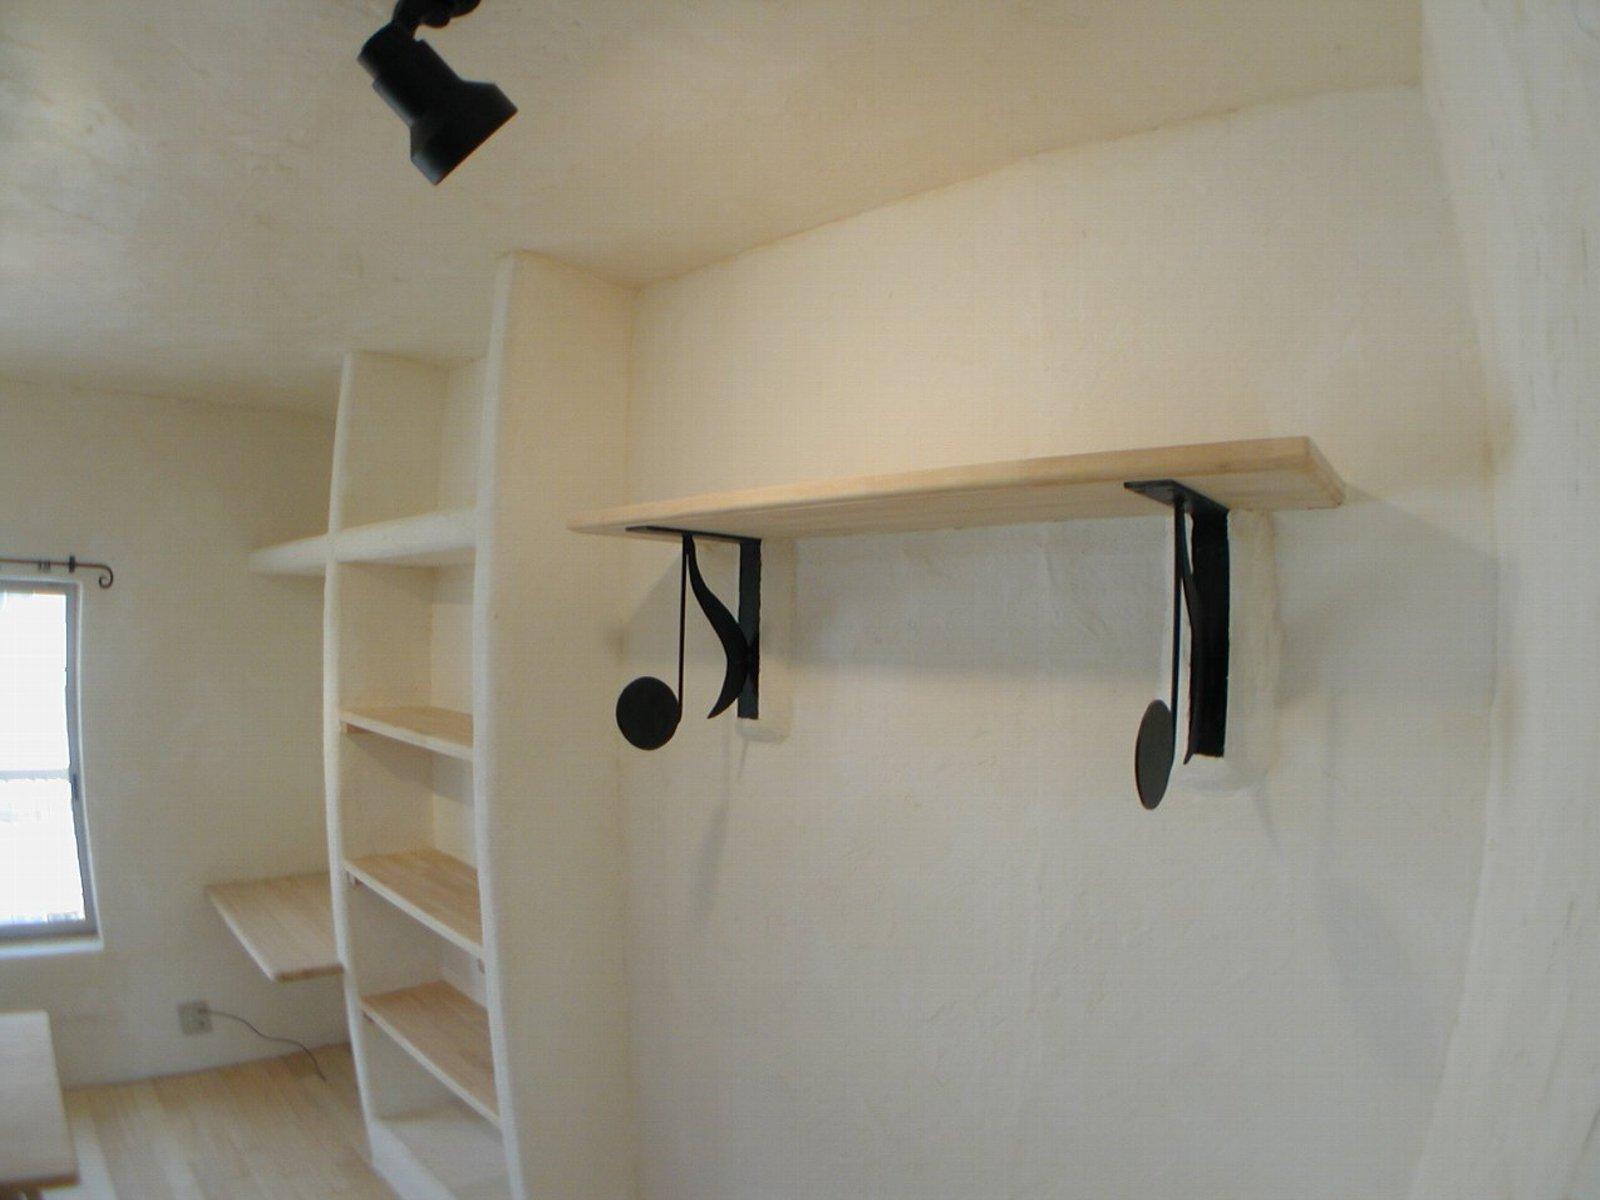 渦森台18号その1 409号室 2005年の写真 ダイニングにあるおしゃれな棚